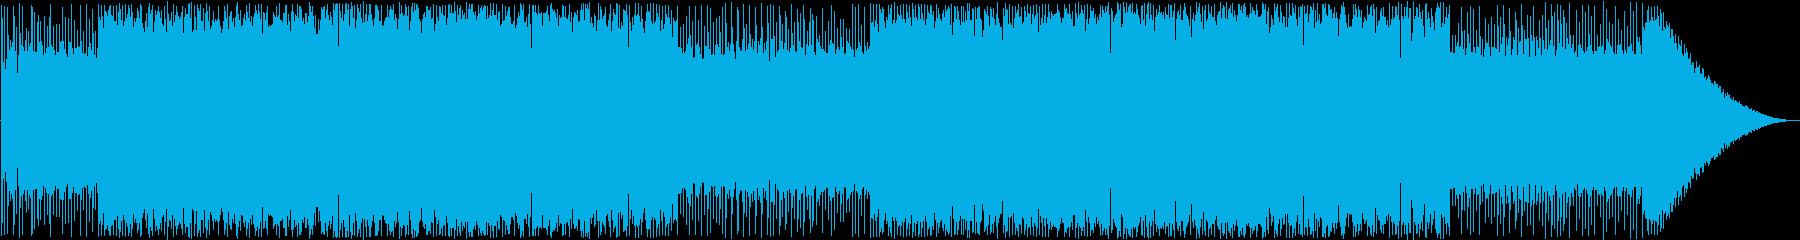 ファミコンダンジョン曲。の再生済みの波形